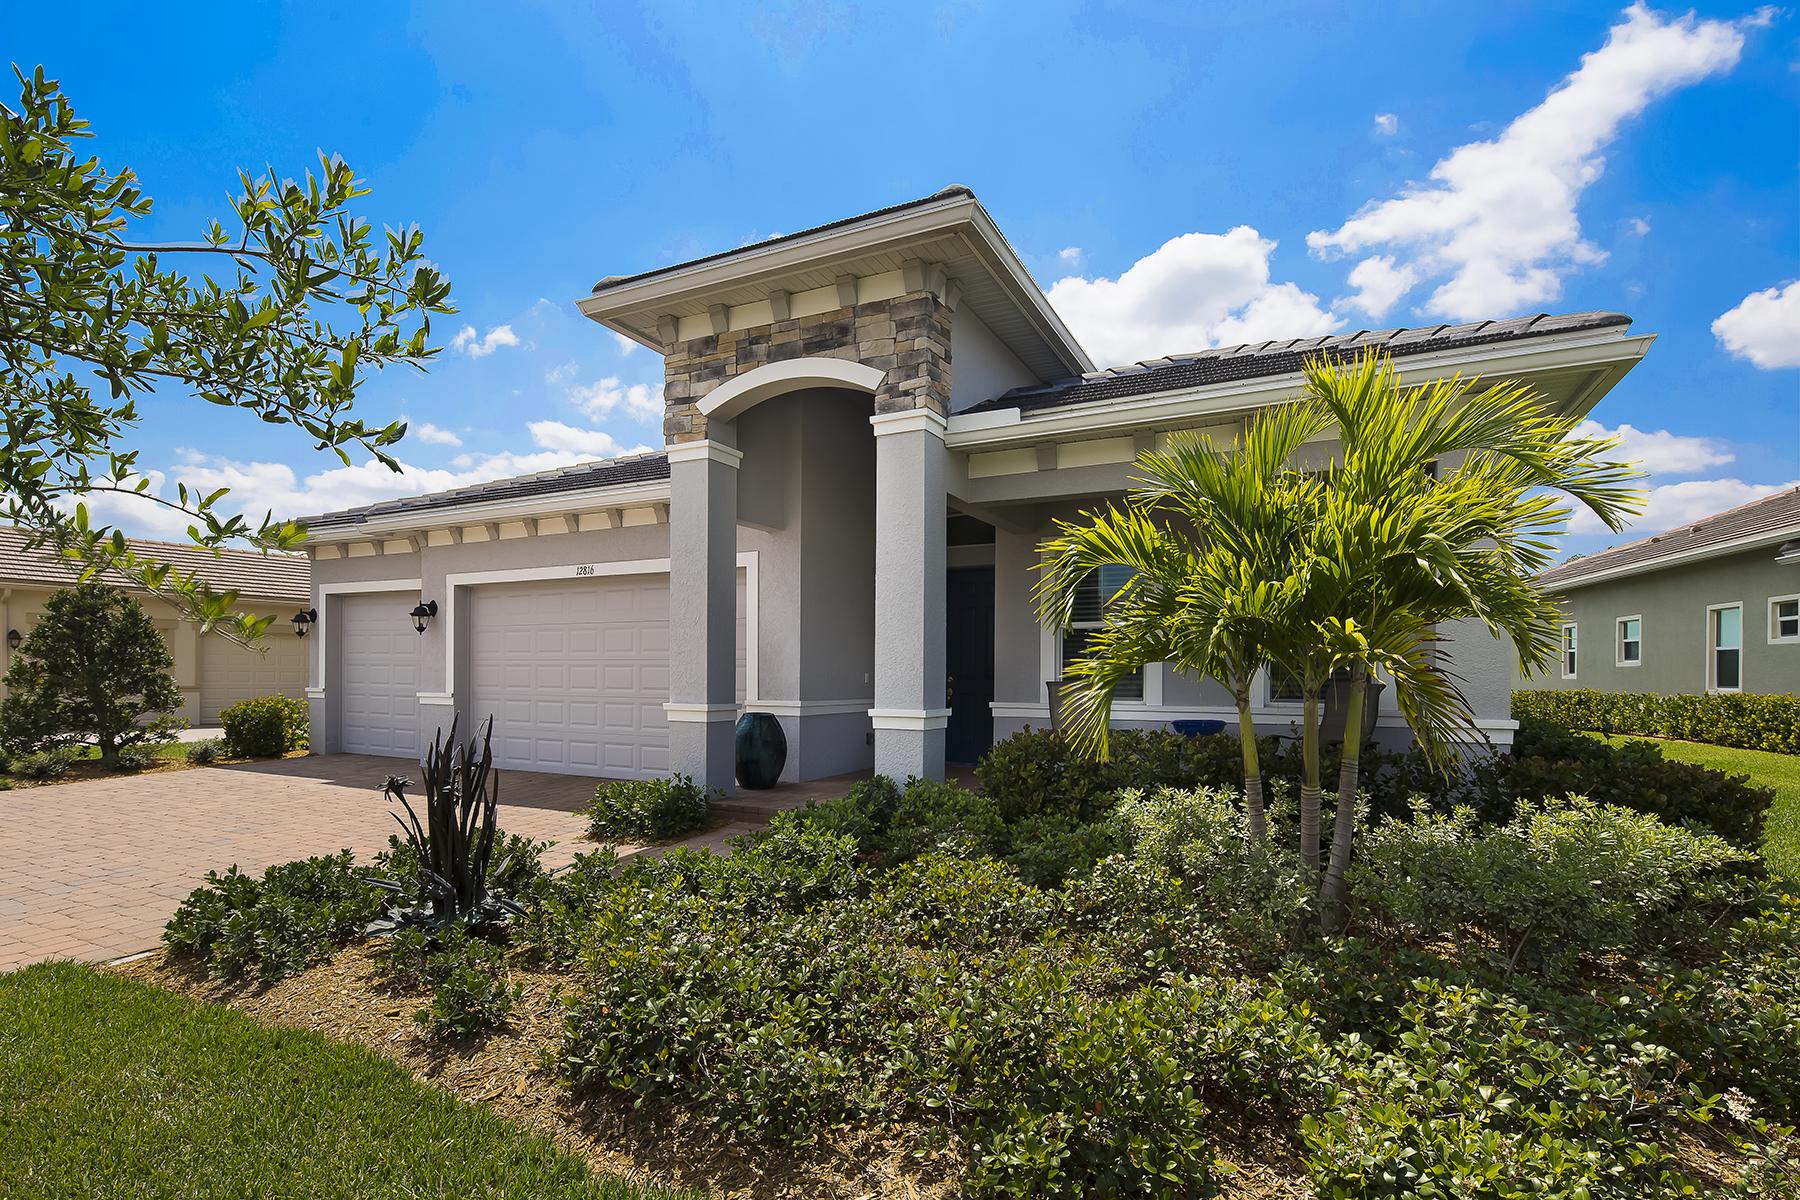 단독 가정 주택 용 매매 에 VERANDAH - FAIRWAY COVE 12816 Fairway Cove Ct Fort Myers, 플로리다, 33905 미국